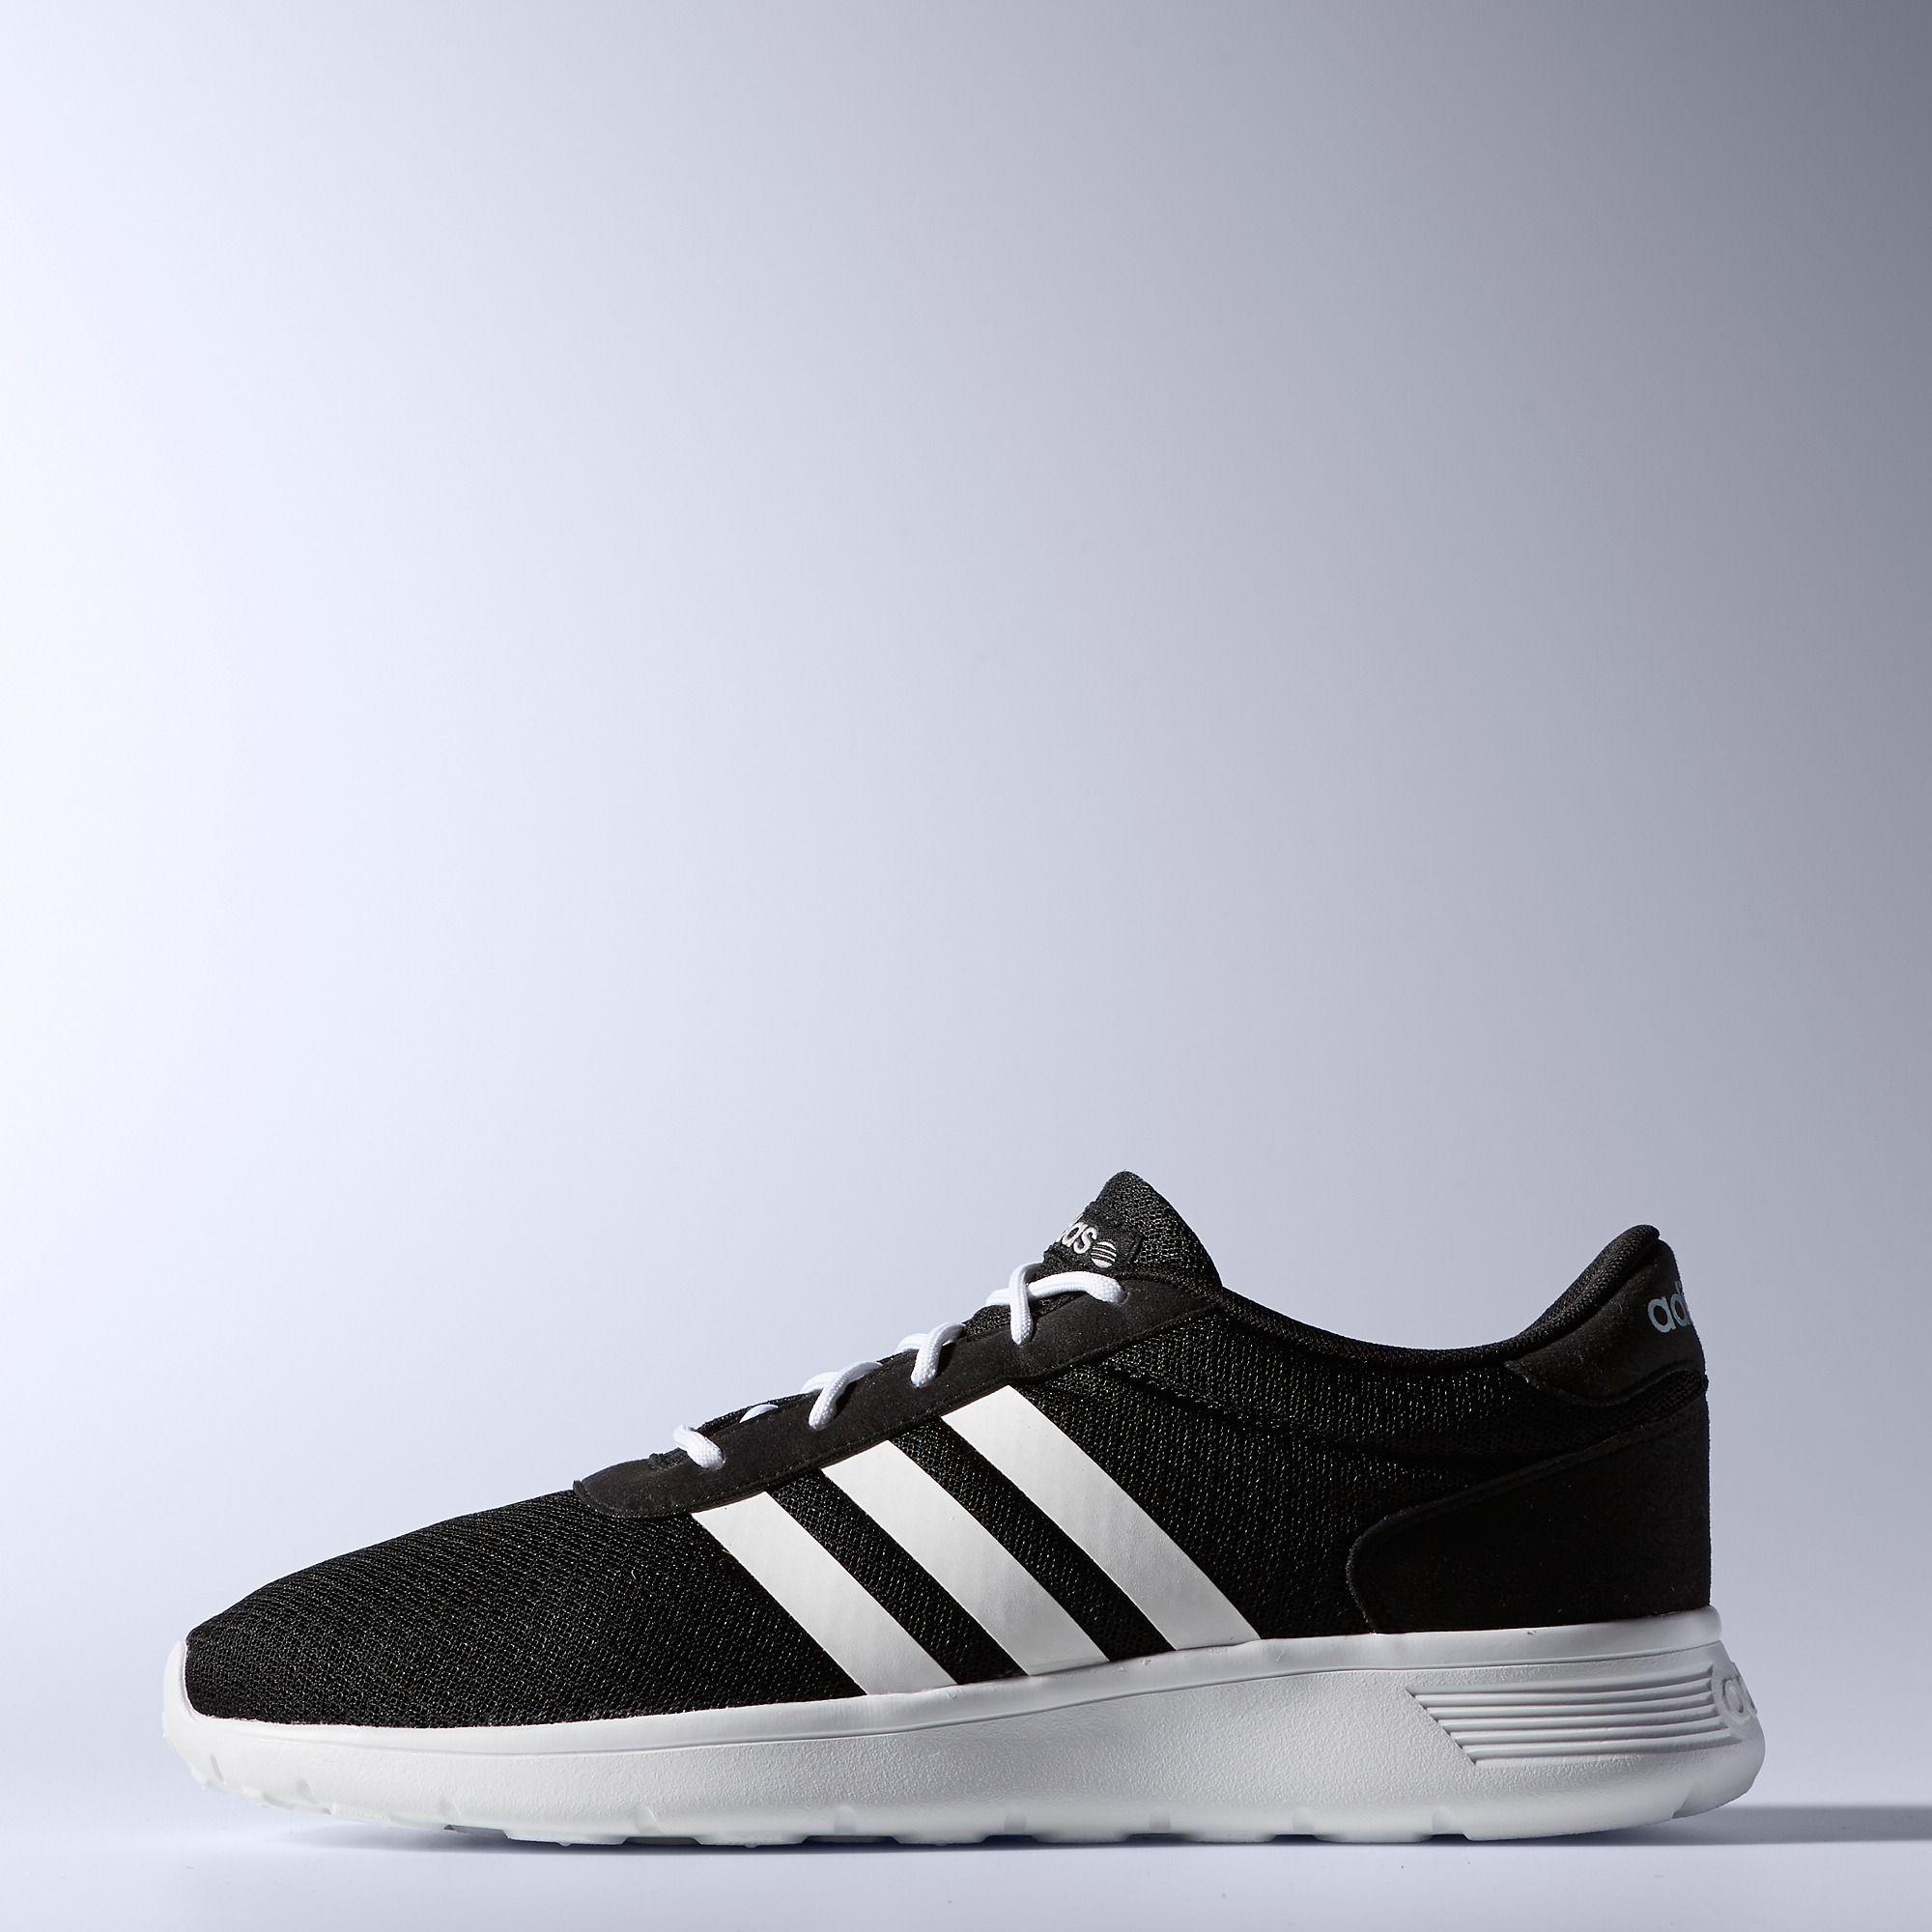 ¡Adidas Lite Racer zapatos!¡Tan encantadora!T o W E R Pinterest